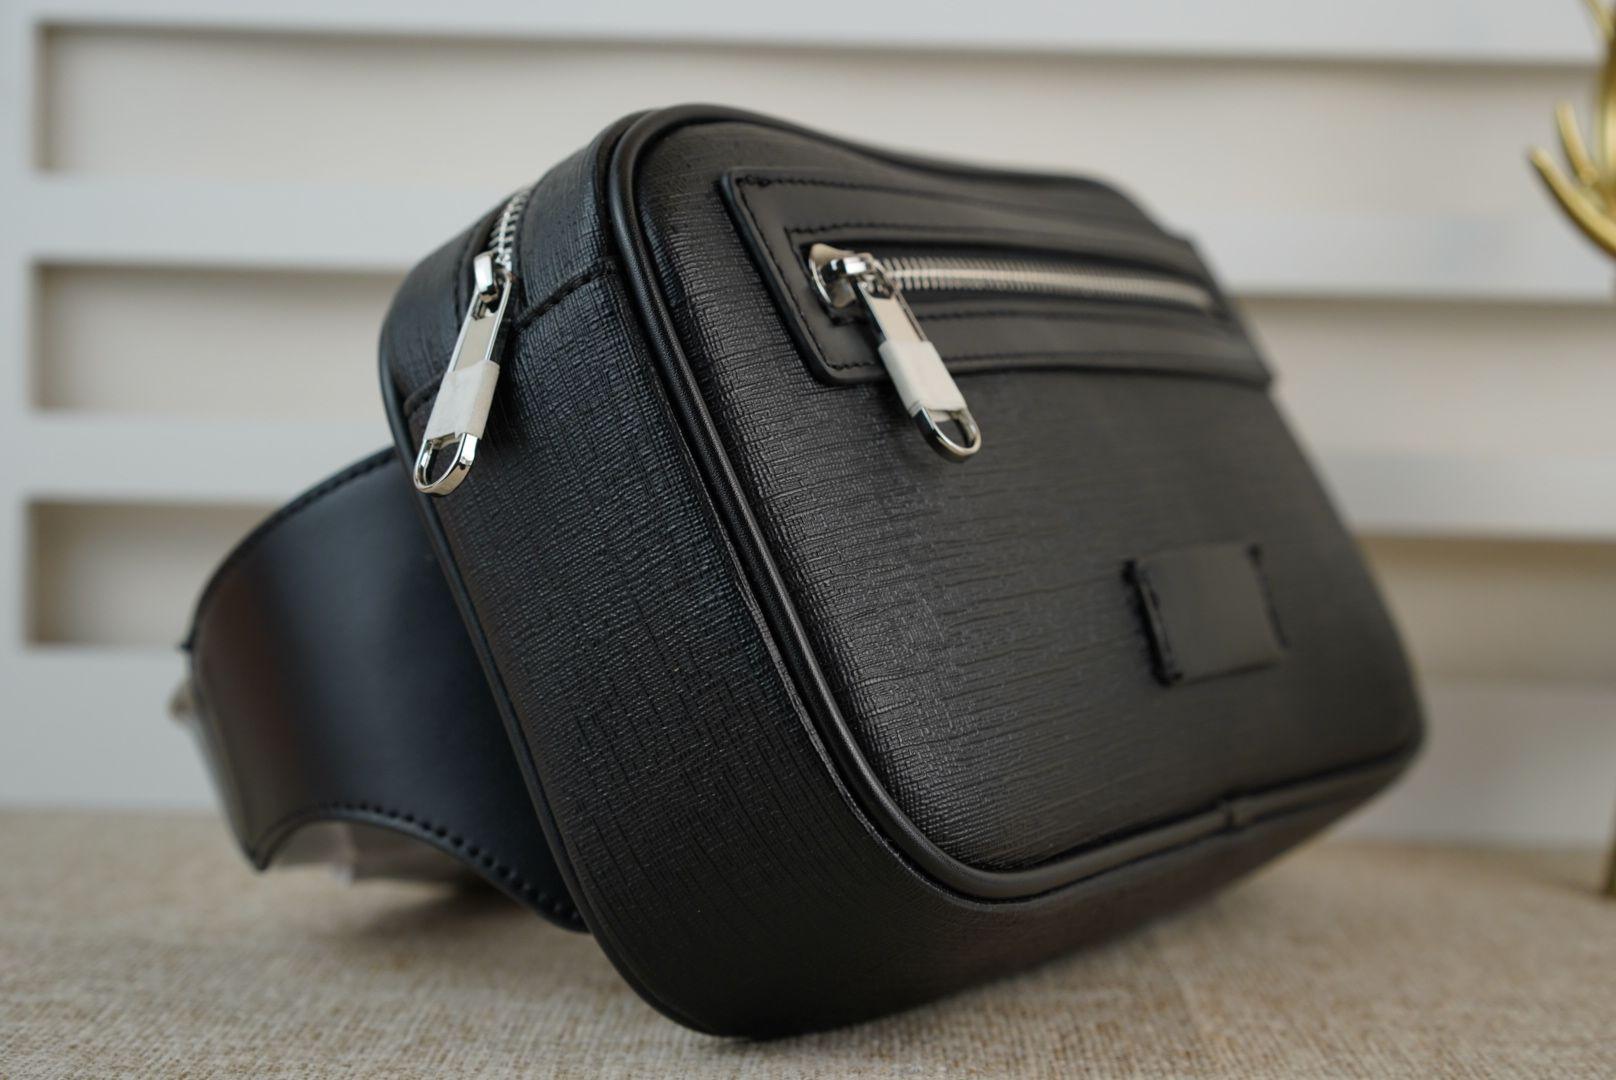 Top Quality Unisex Homens Mulheres Couro Esporte Corredor Fanny Pack Bar Barrly Cintura Bag Fitness Running Correndo Bolsa De Caixa De Retorno Bolsas De Grade